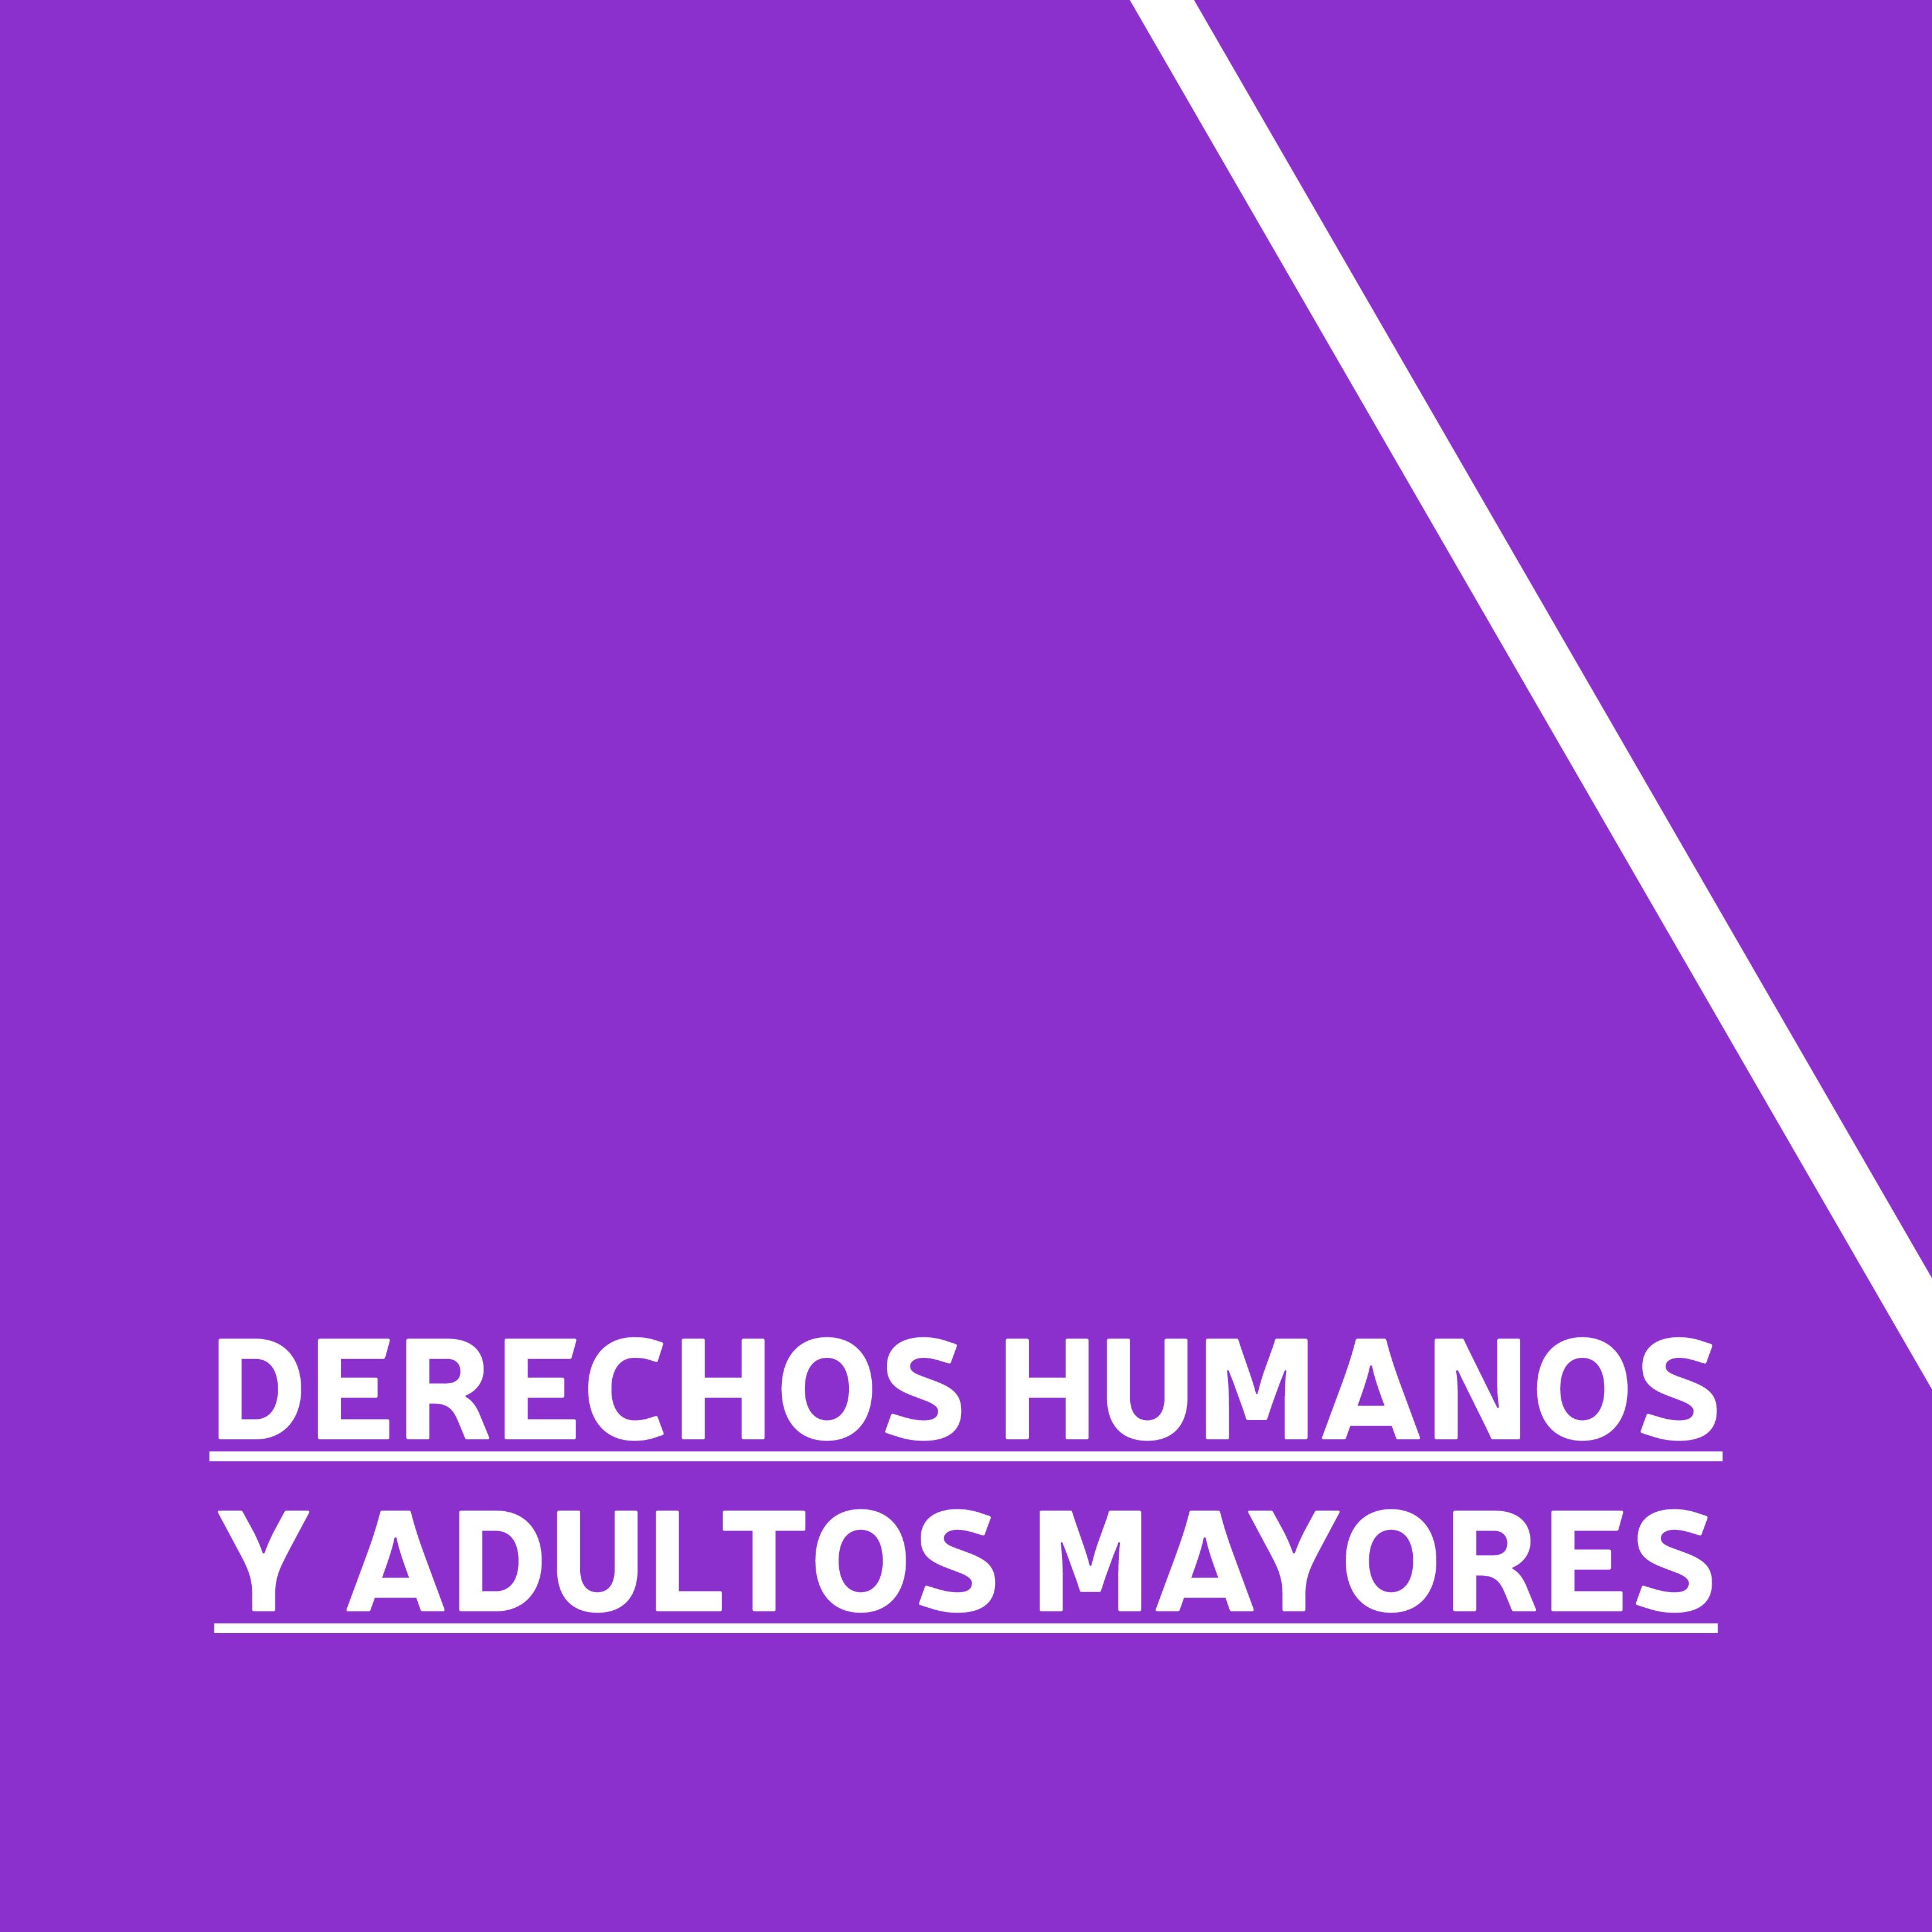 Derechos humanos y adultos mayores